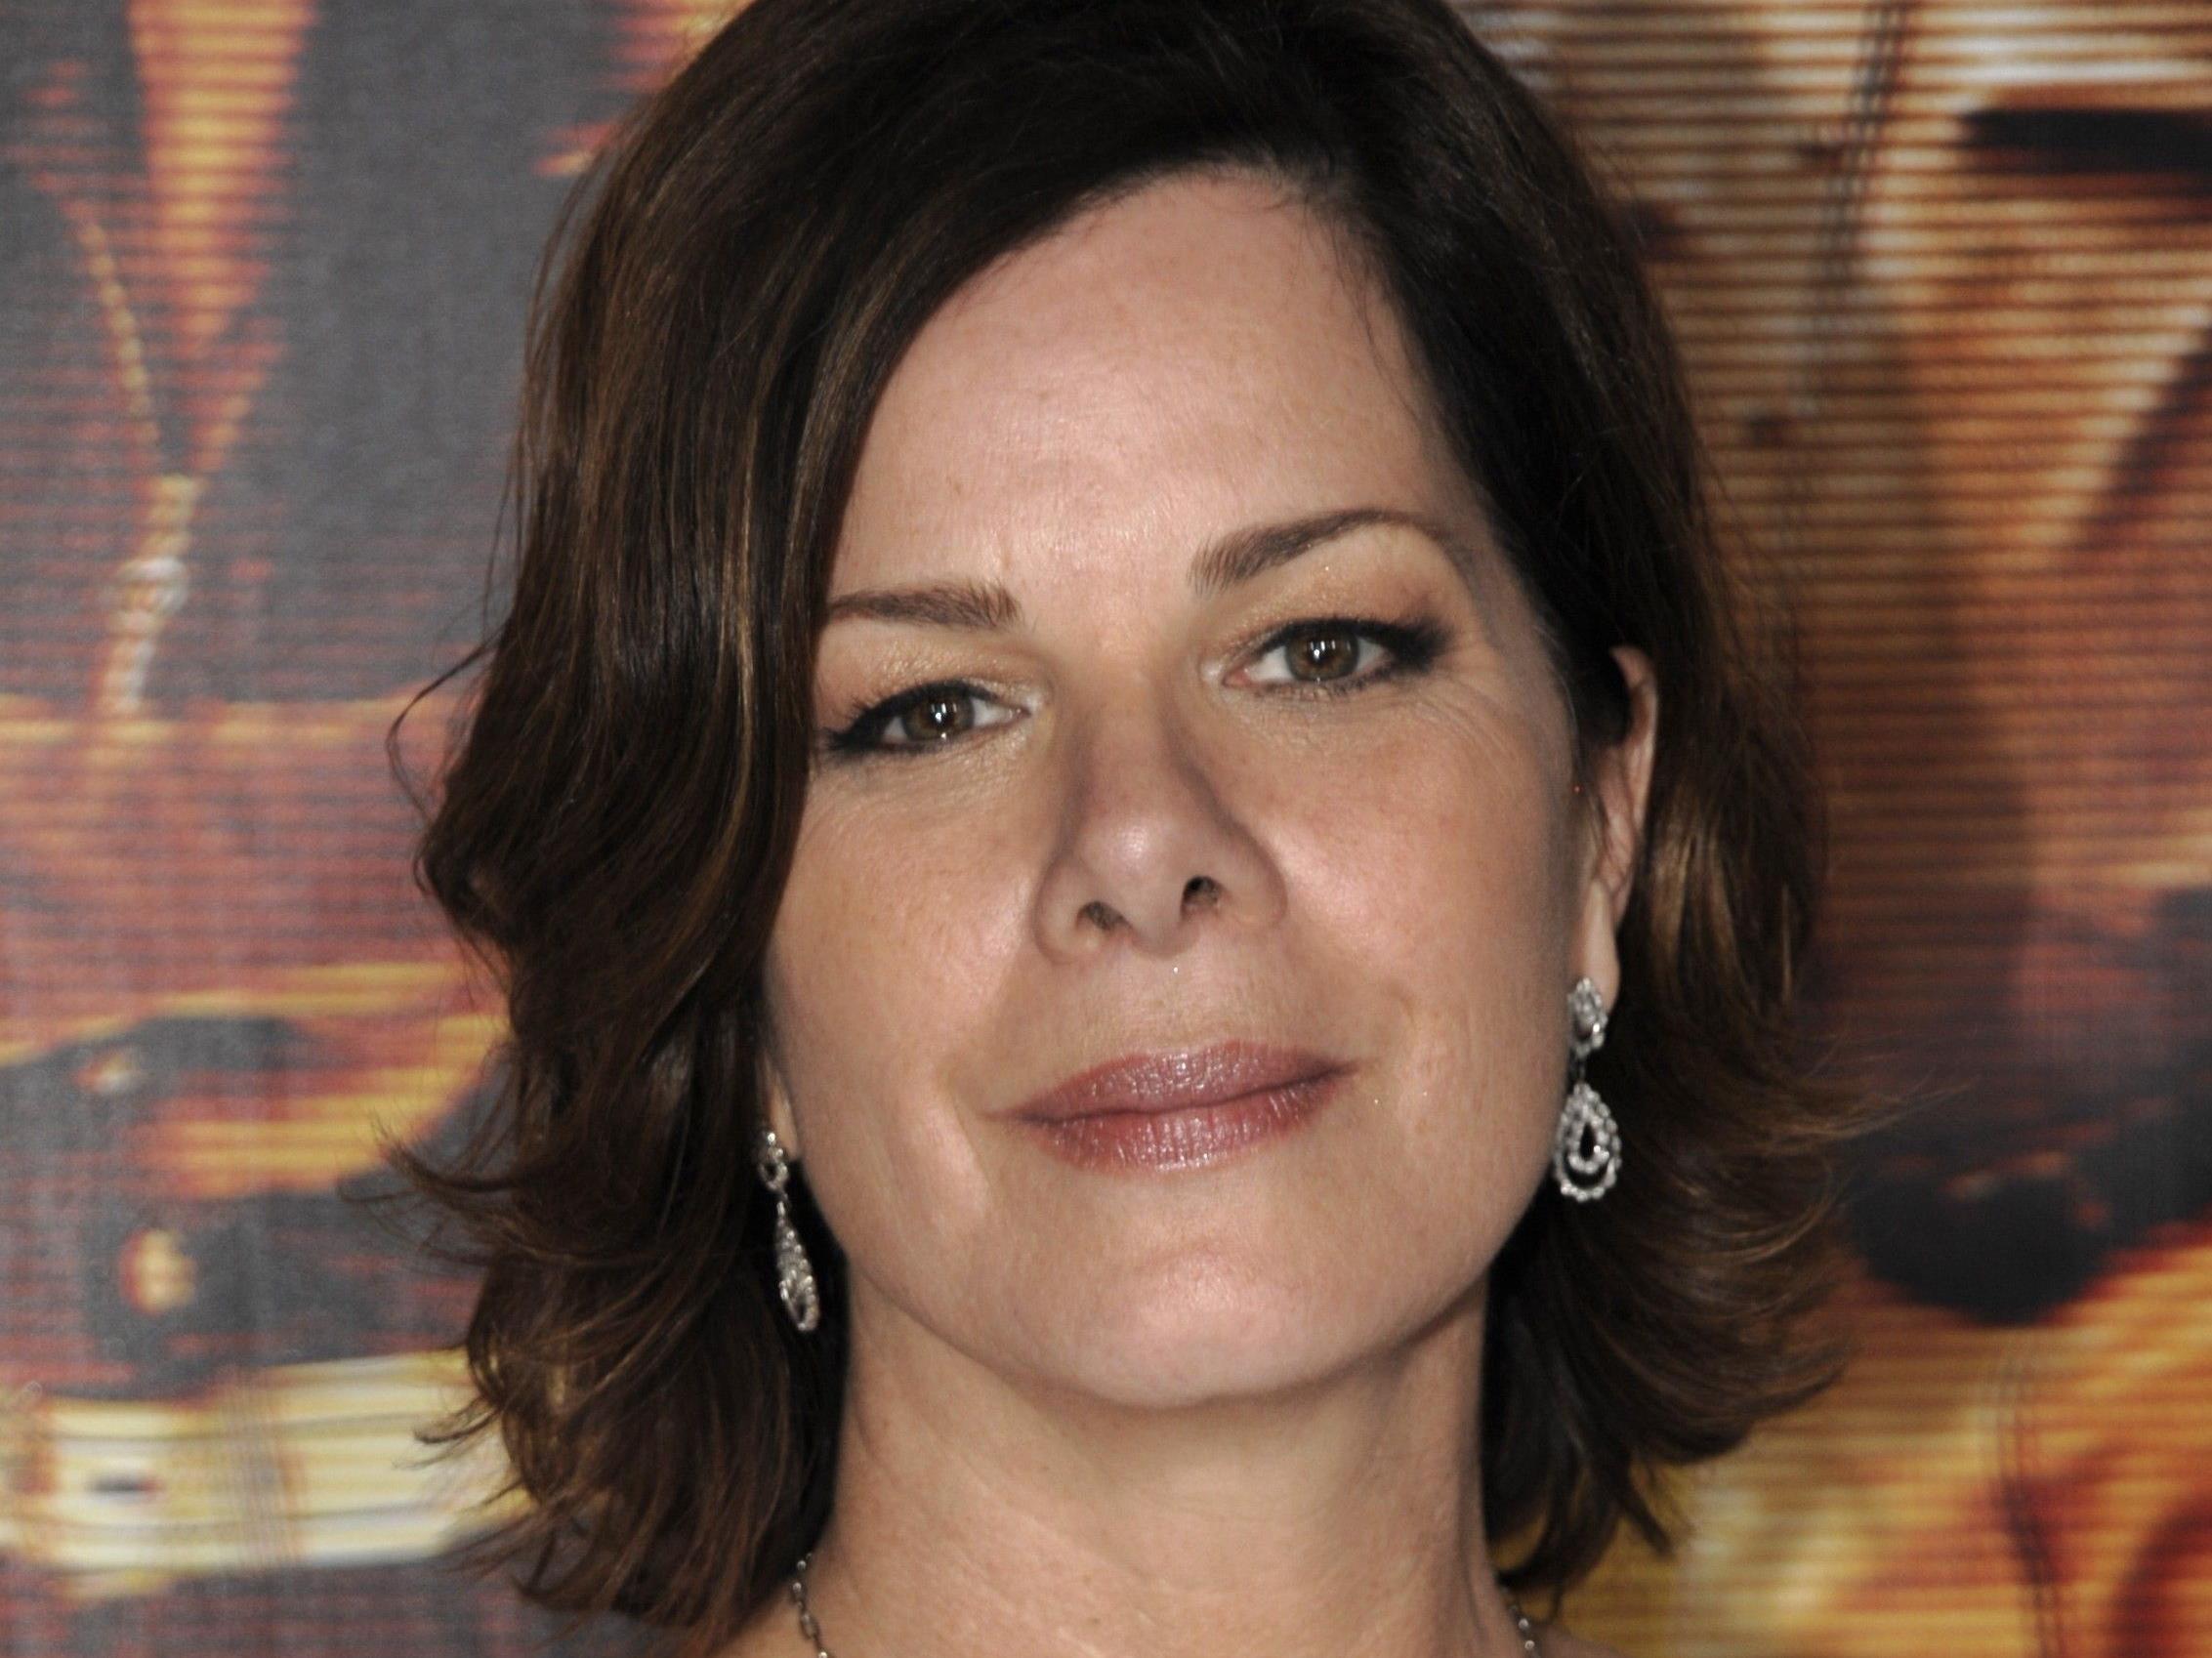 Schauspielerin und Oscarpreisträgerin Marcia Gay Harden lässt sich nach 15 Jahren Ehe scheiden. h